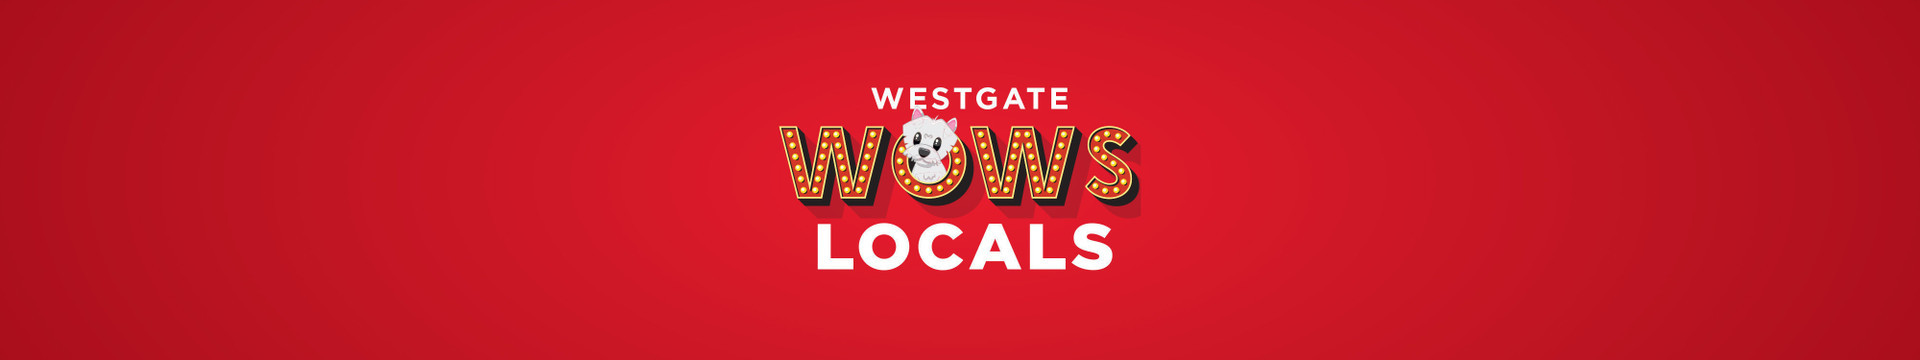 Westgate WOWs Locals   Westgate Las Vegas Resort & Casino